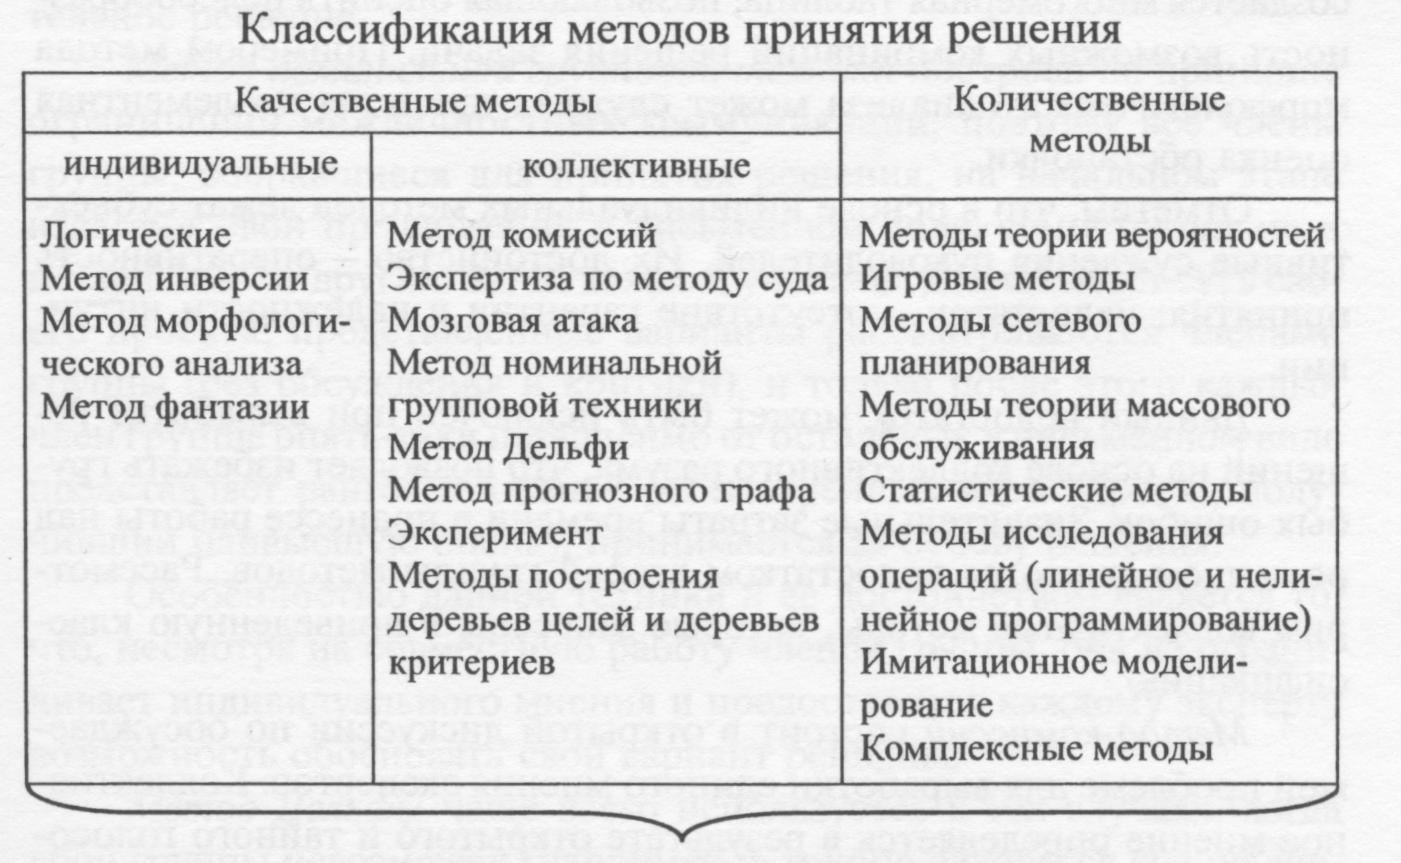 Численно аналитические методы 11 фотография